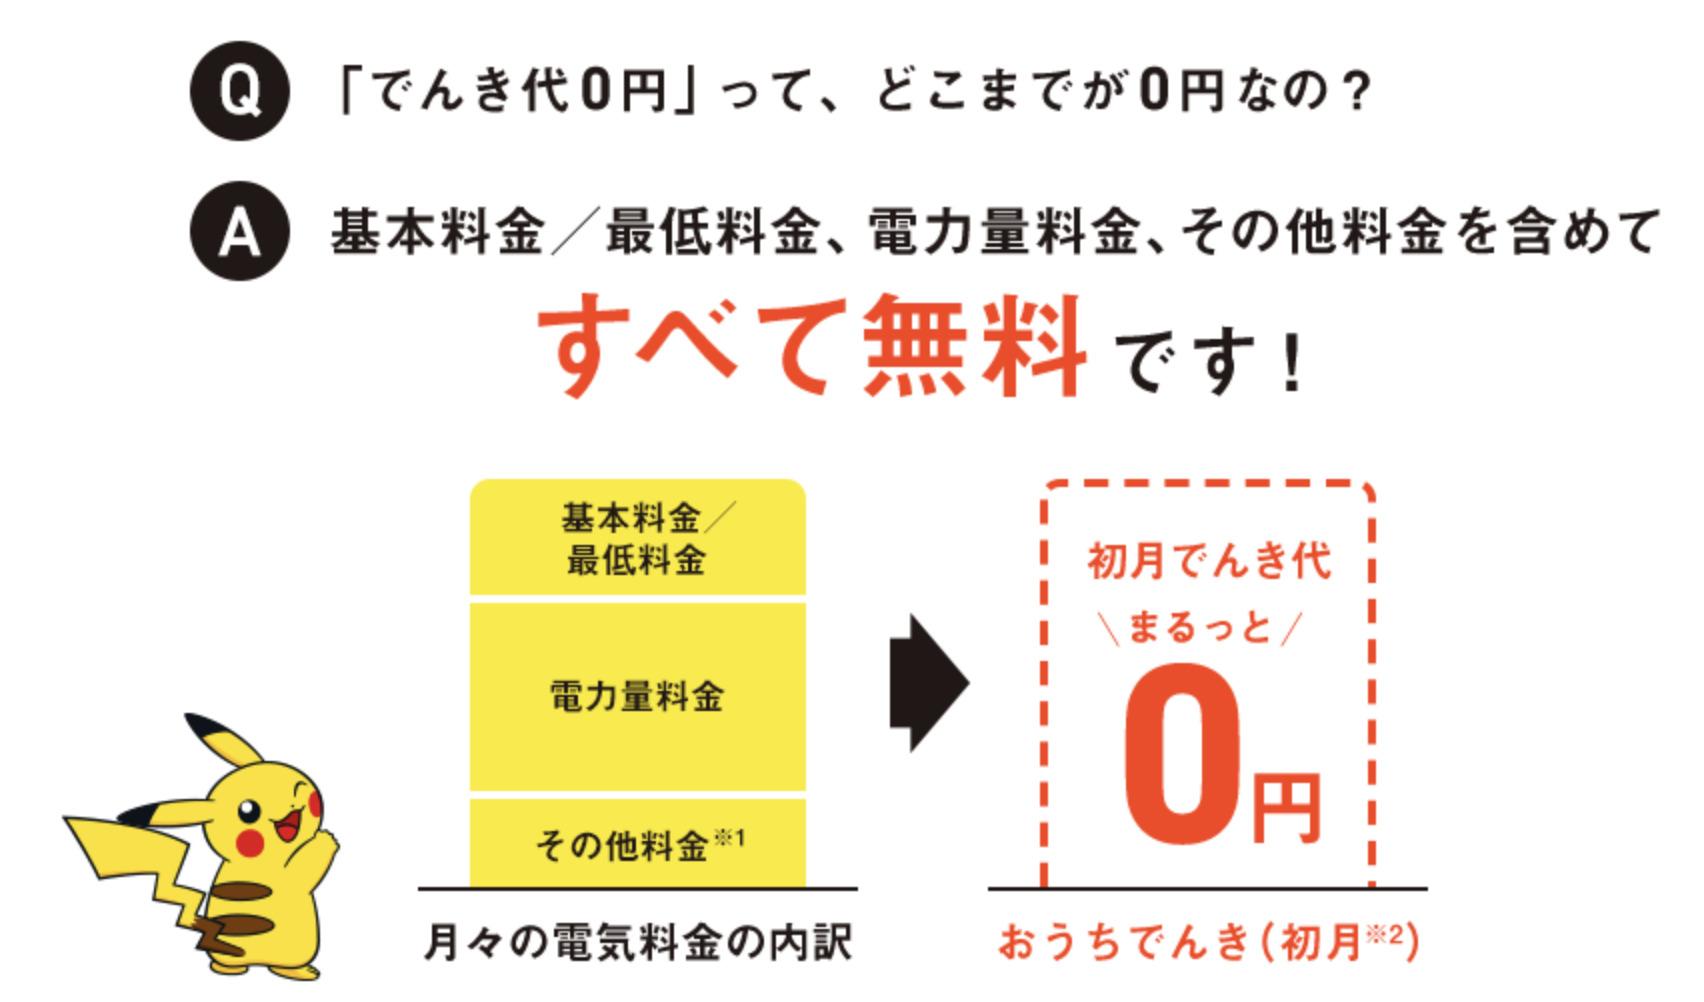 ソフトバンクおうちでんき 初月0円